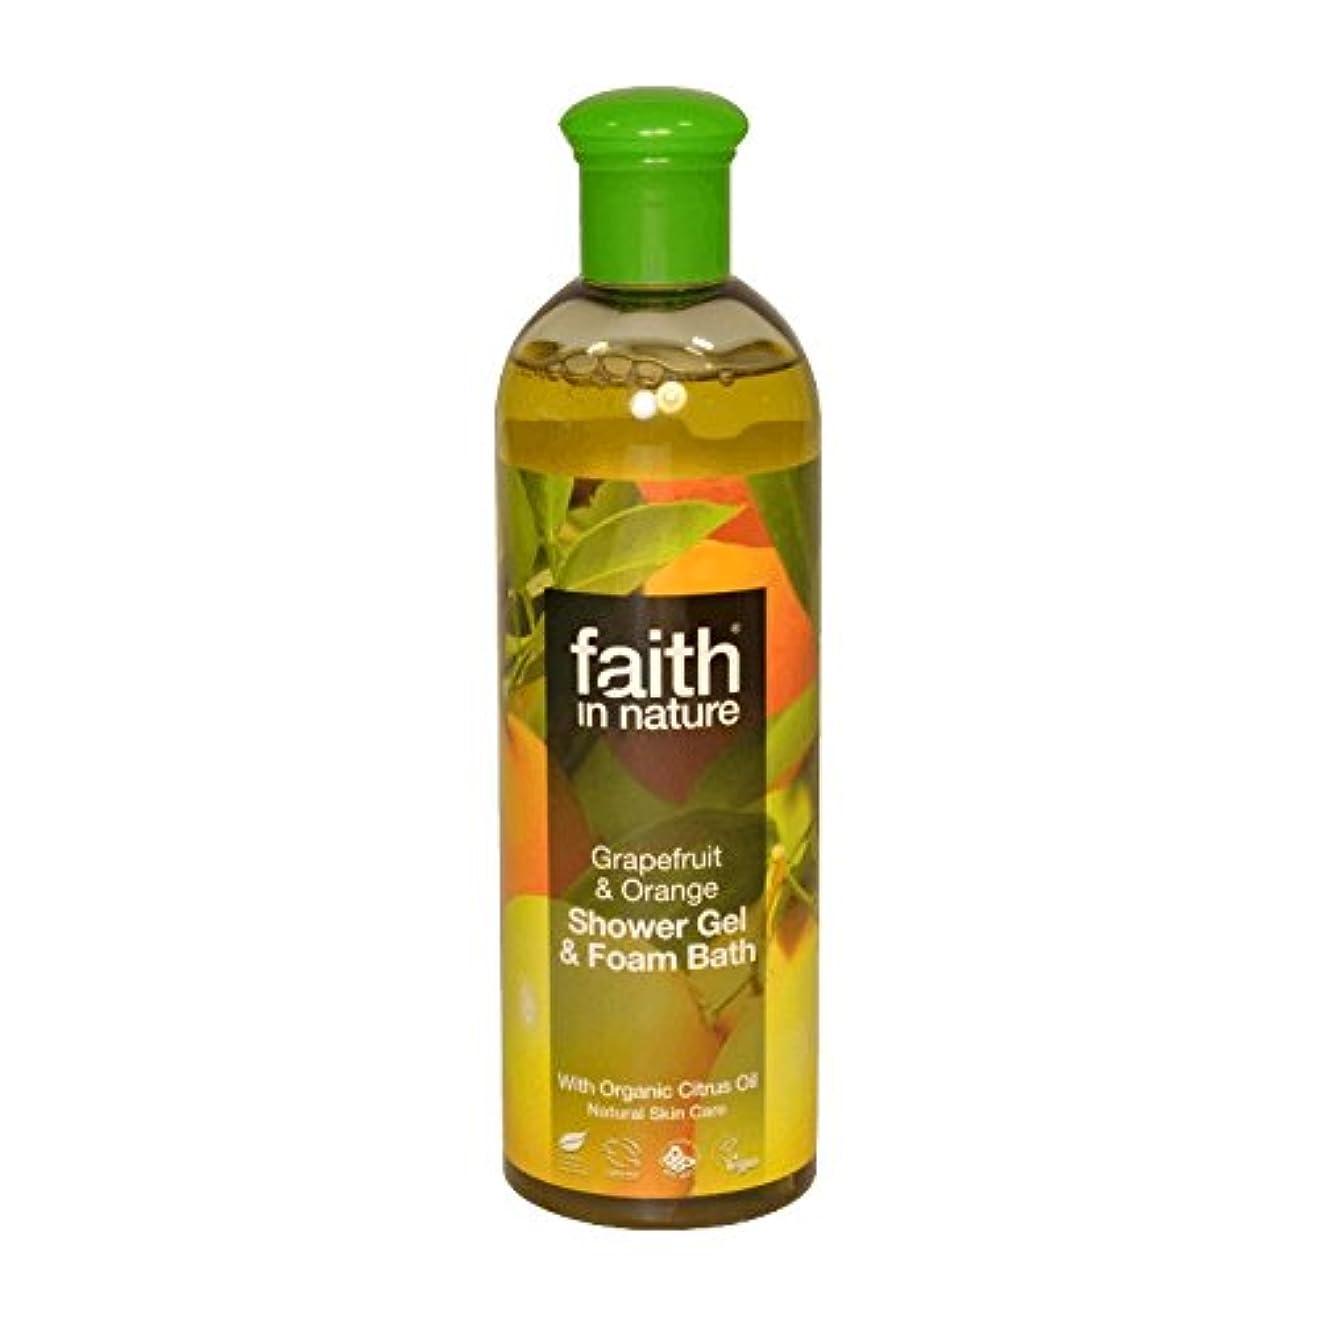 信頼できる代わってウェイド自然グレープフルーツ&オレンジシャワージェル&バス泡400ミリリットルの信仰 - Faith in Nature Grapefruit & Orange Shower Gel & Bath Foam 400ml (Faith in Nature) [並行輸入品]